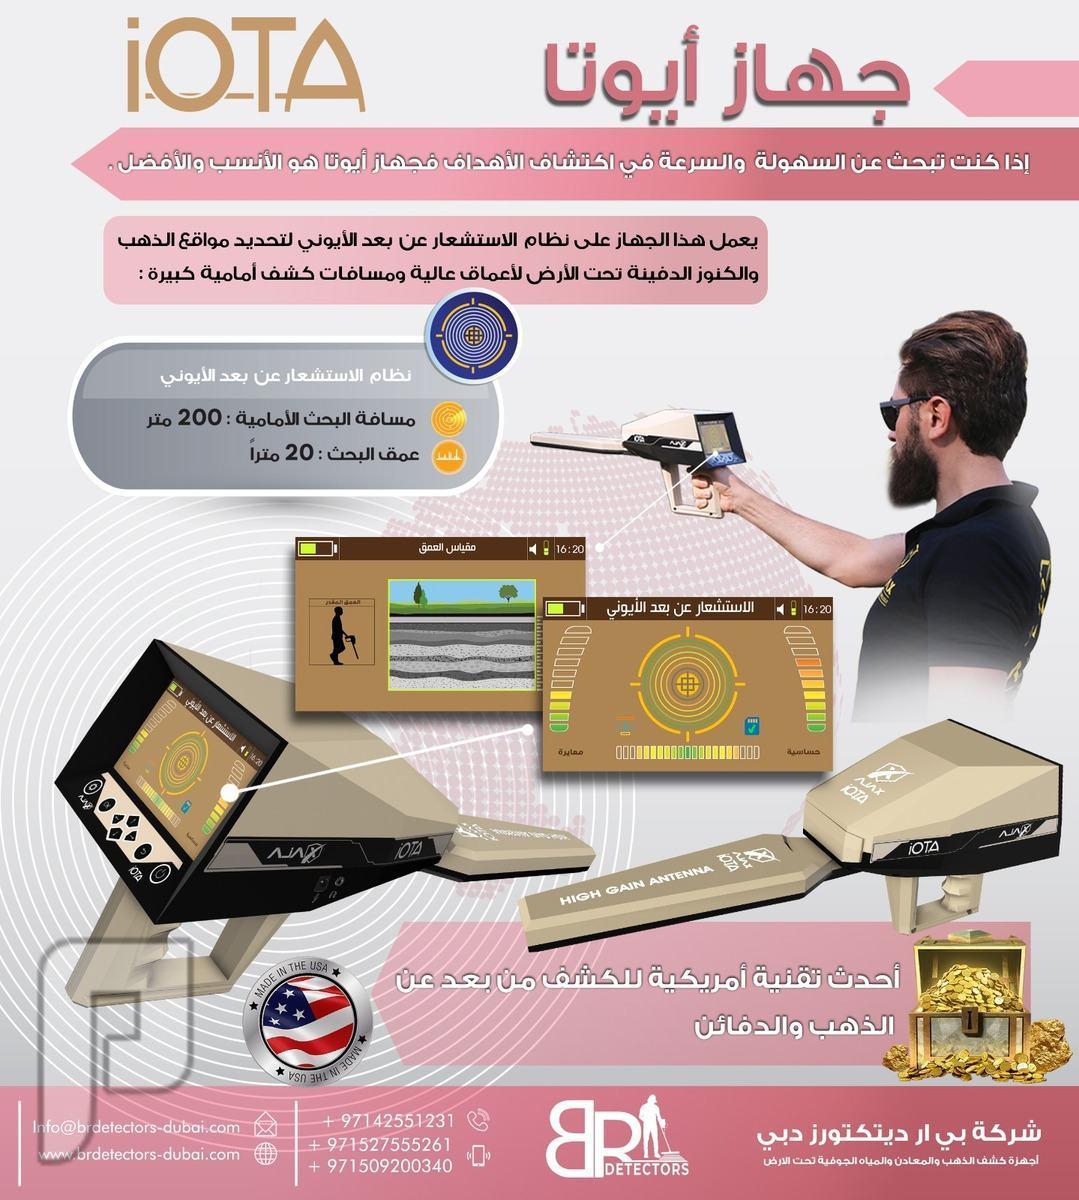 اجهزة كشف الذهب الامريكية ايوتا اجهزة كشف الذهب الامريكية ايوتا IOTA